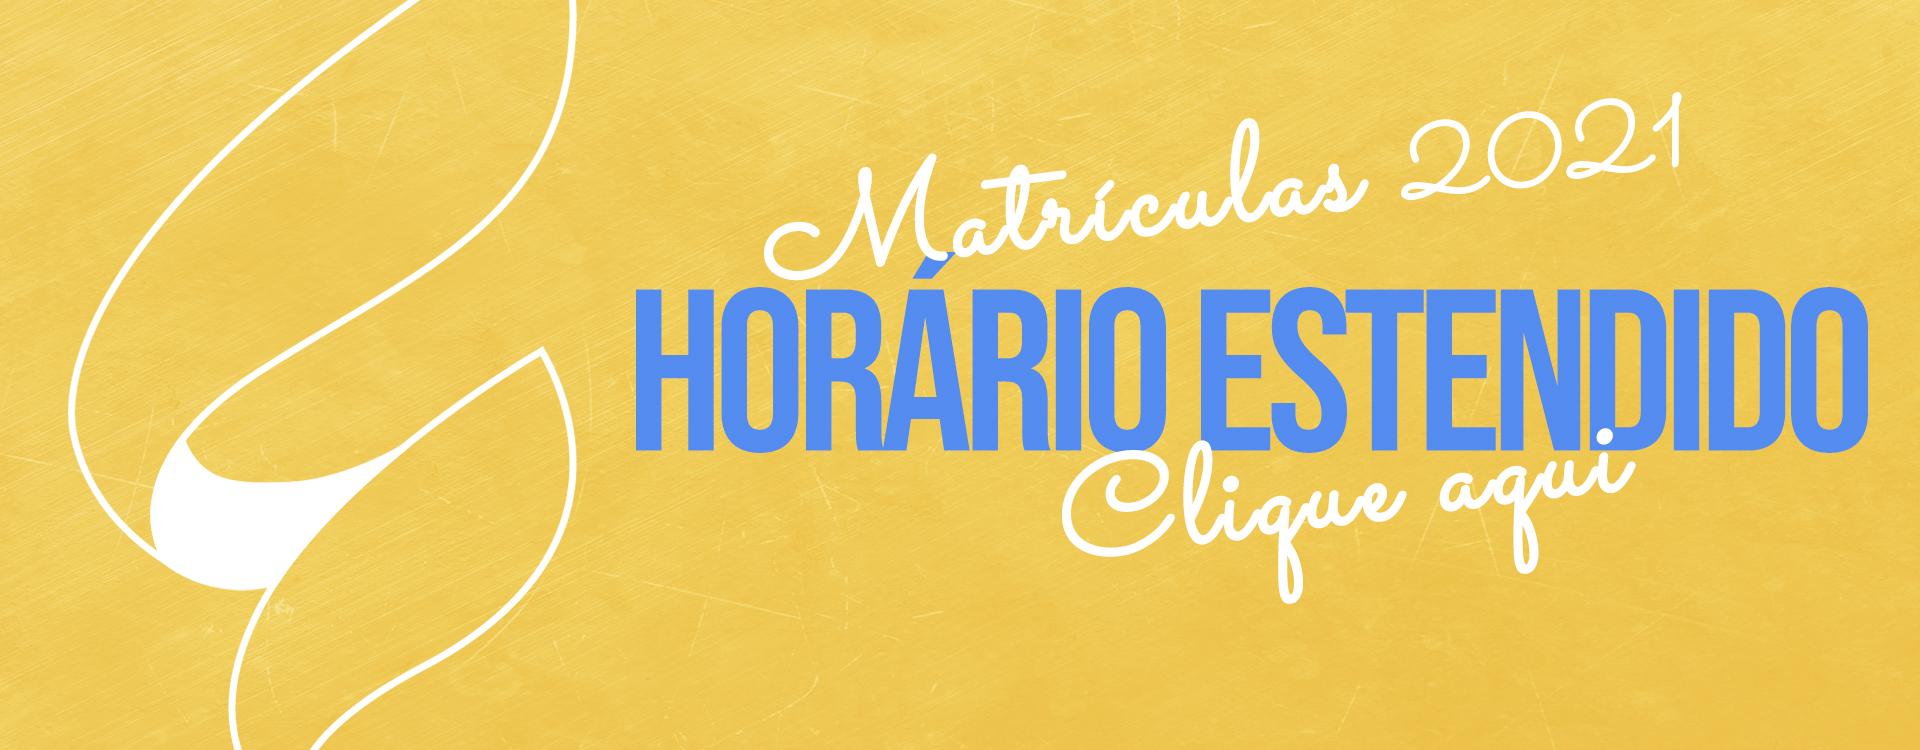 http://safa.com.br/site/wp-content/uploads/2021/01/Matrícula-Estendido.jpg